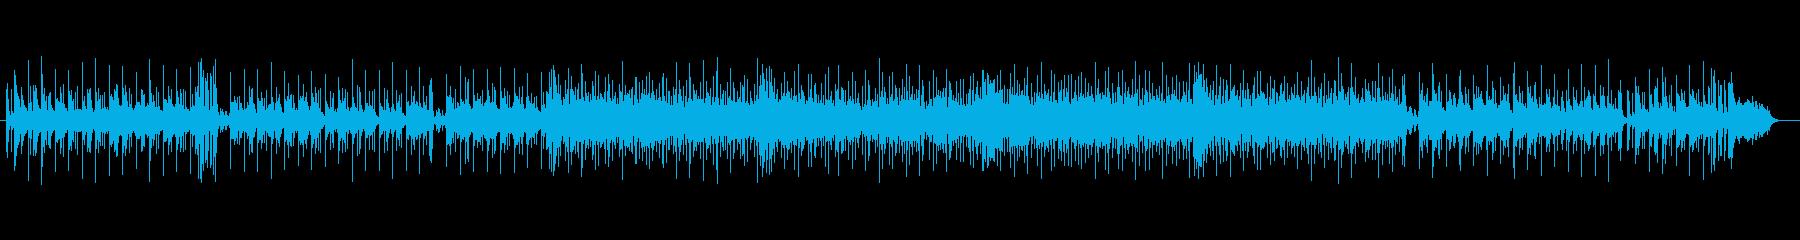 ボサノバ(ダイナミックなピアノ)の再生済みの波形